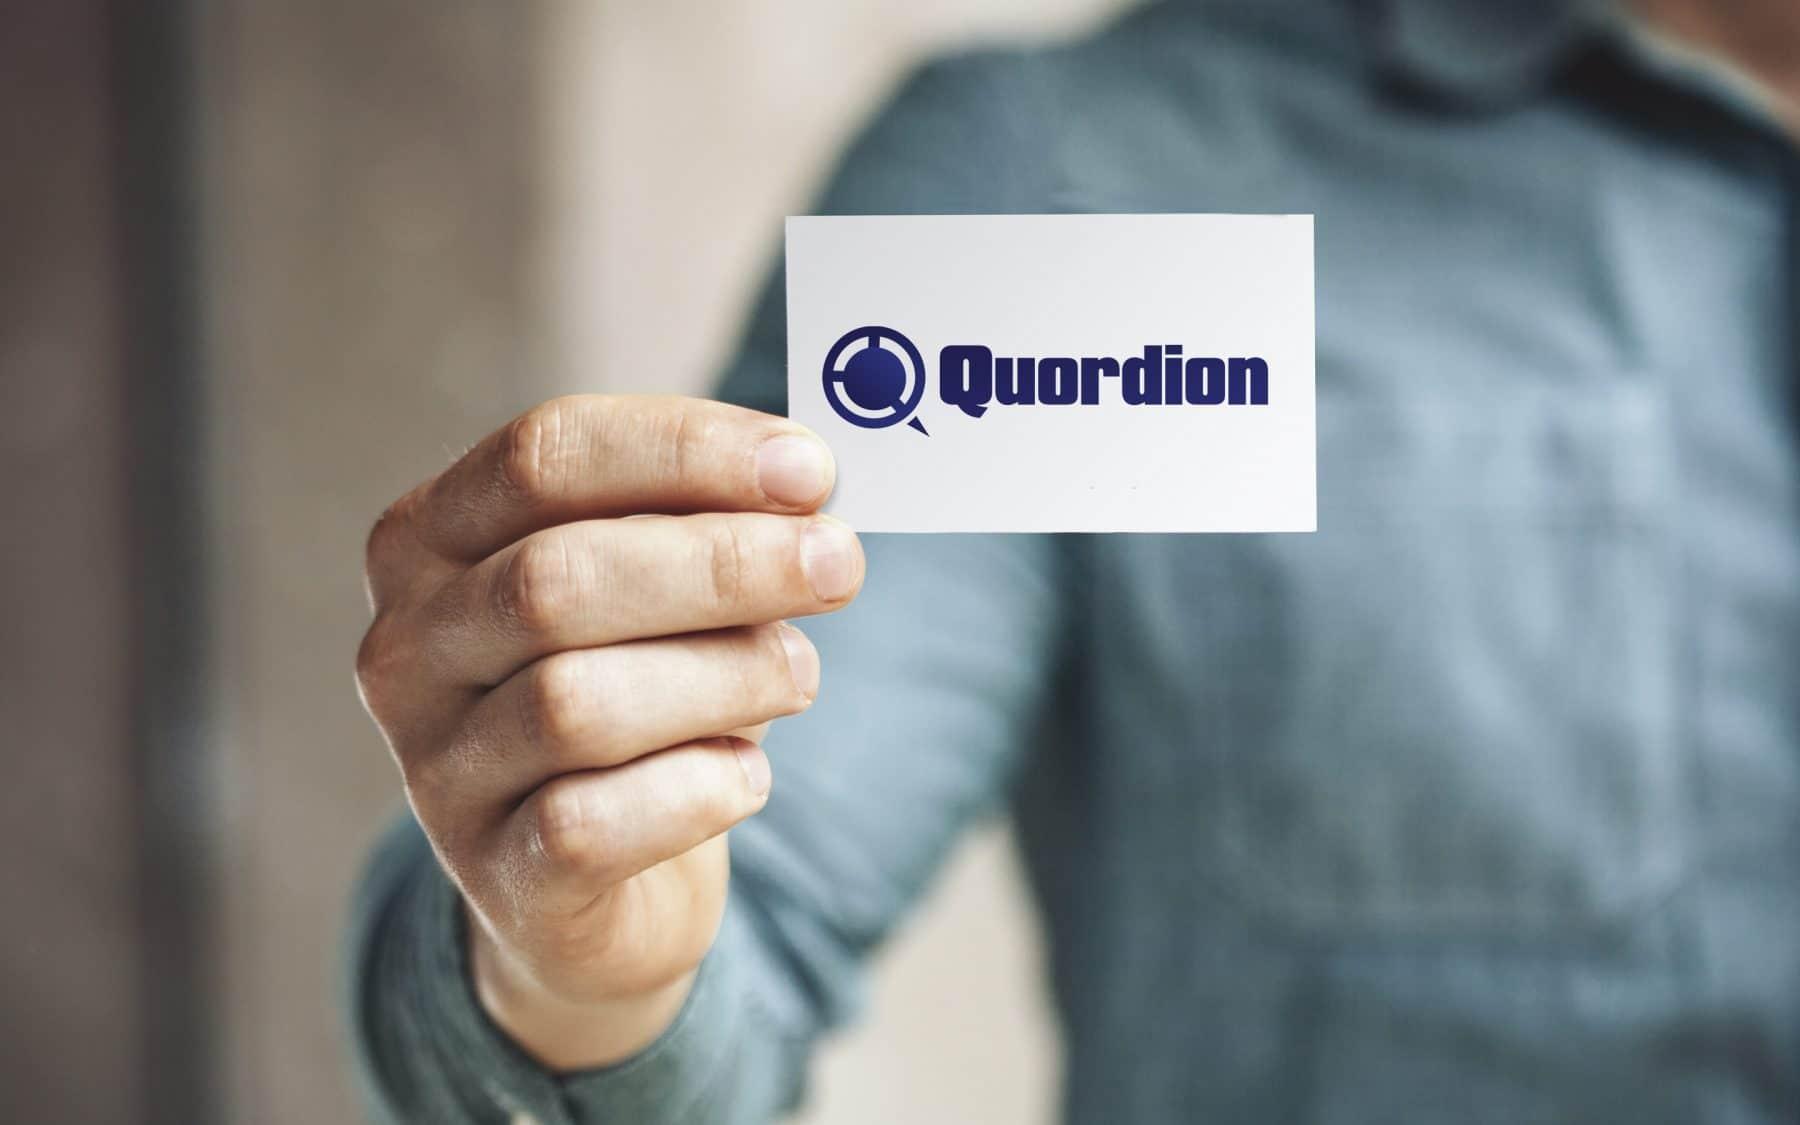 Quordion 1